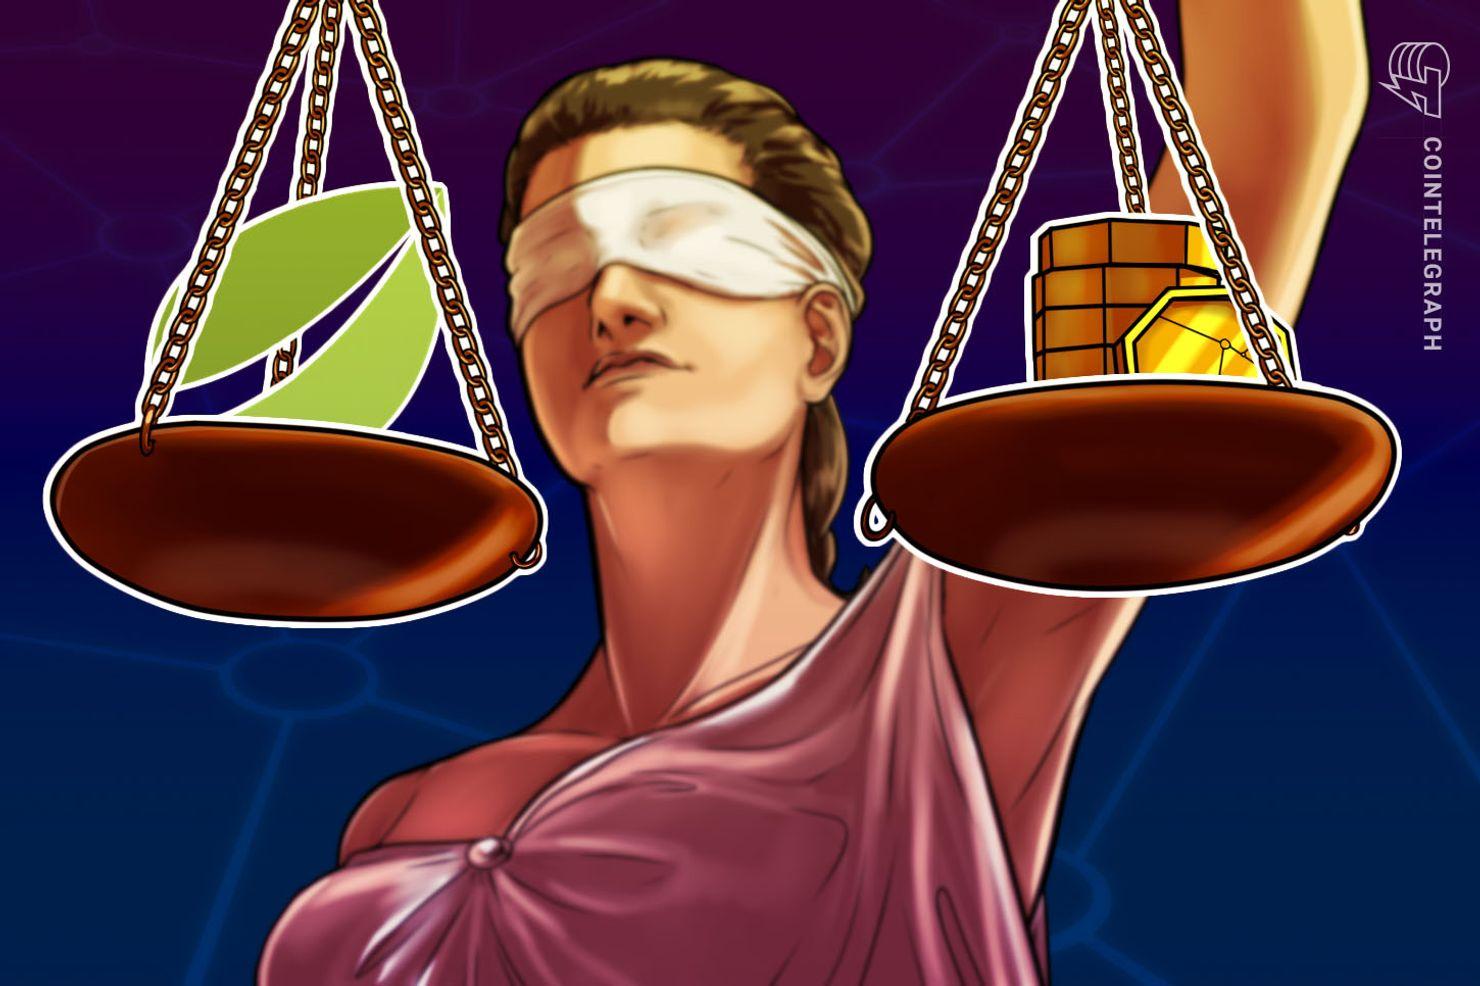 「ビットコイントレーダーに不利益被らせた」仮想通貨取引所ビットフィネックスとテザーへの訴訟、再び提出【ニュース】